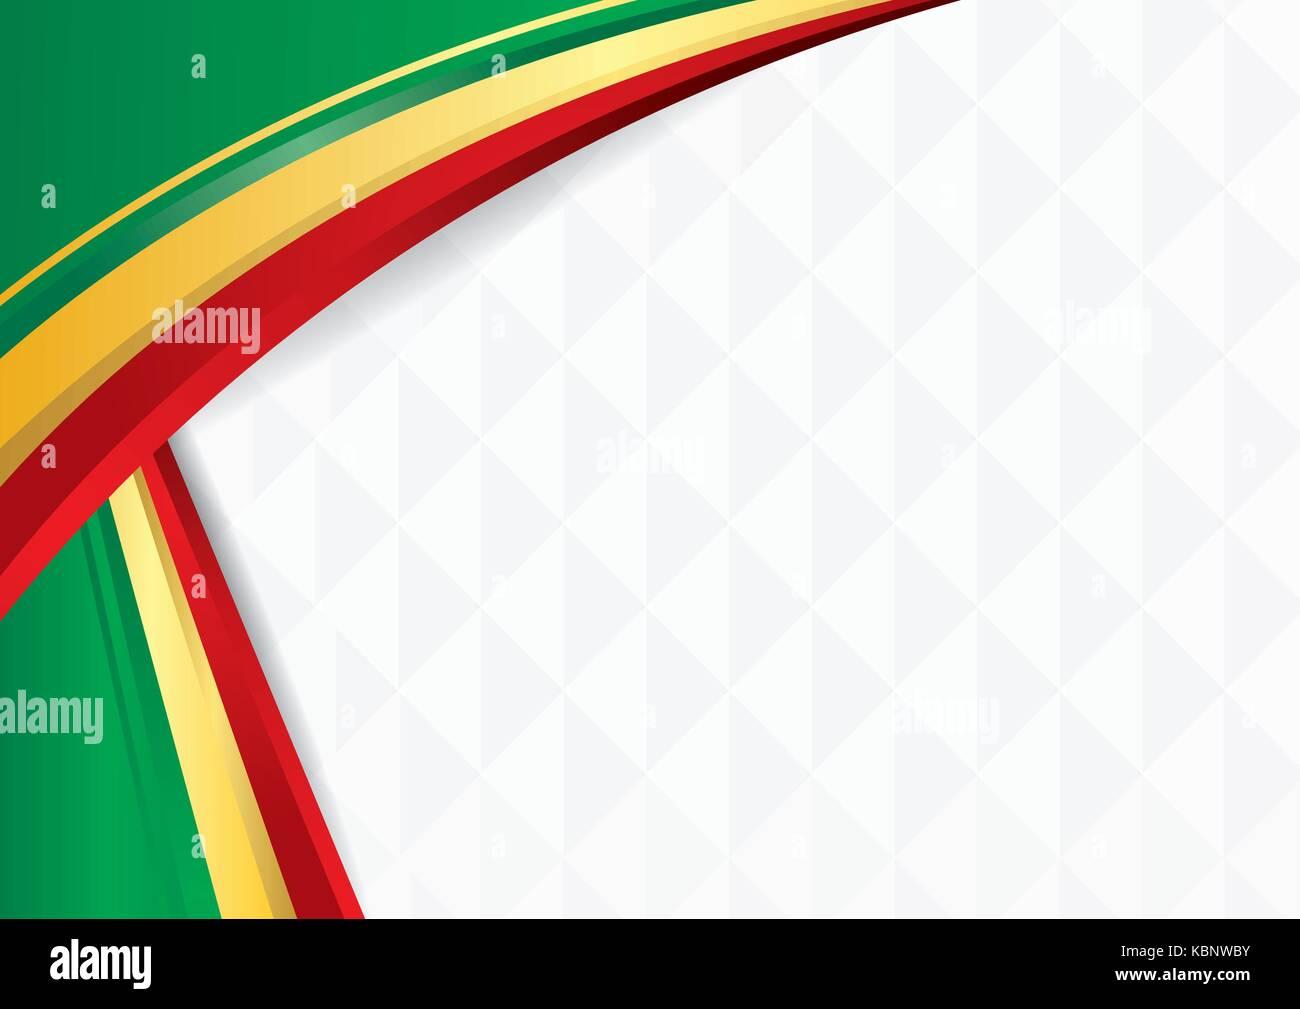 Fondo Abstracto Con Formas Con Los Colores De La Bandera De